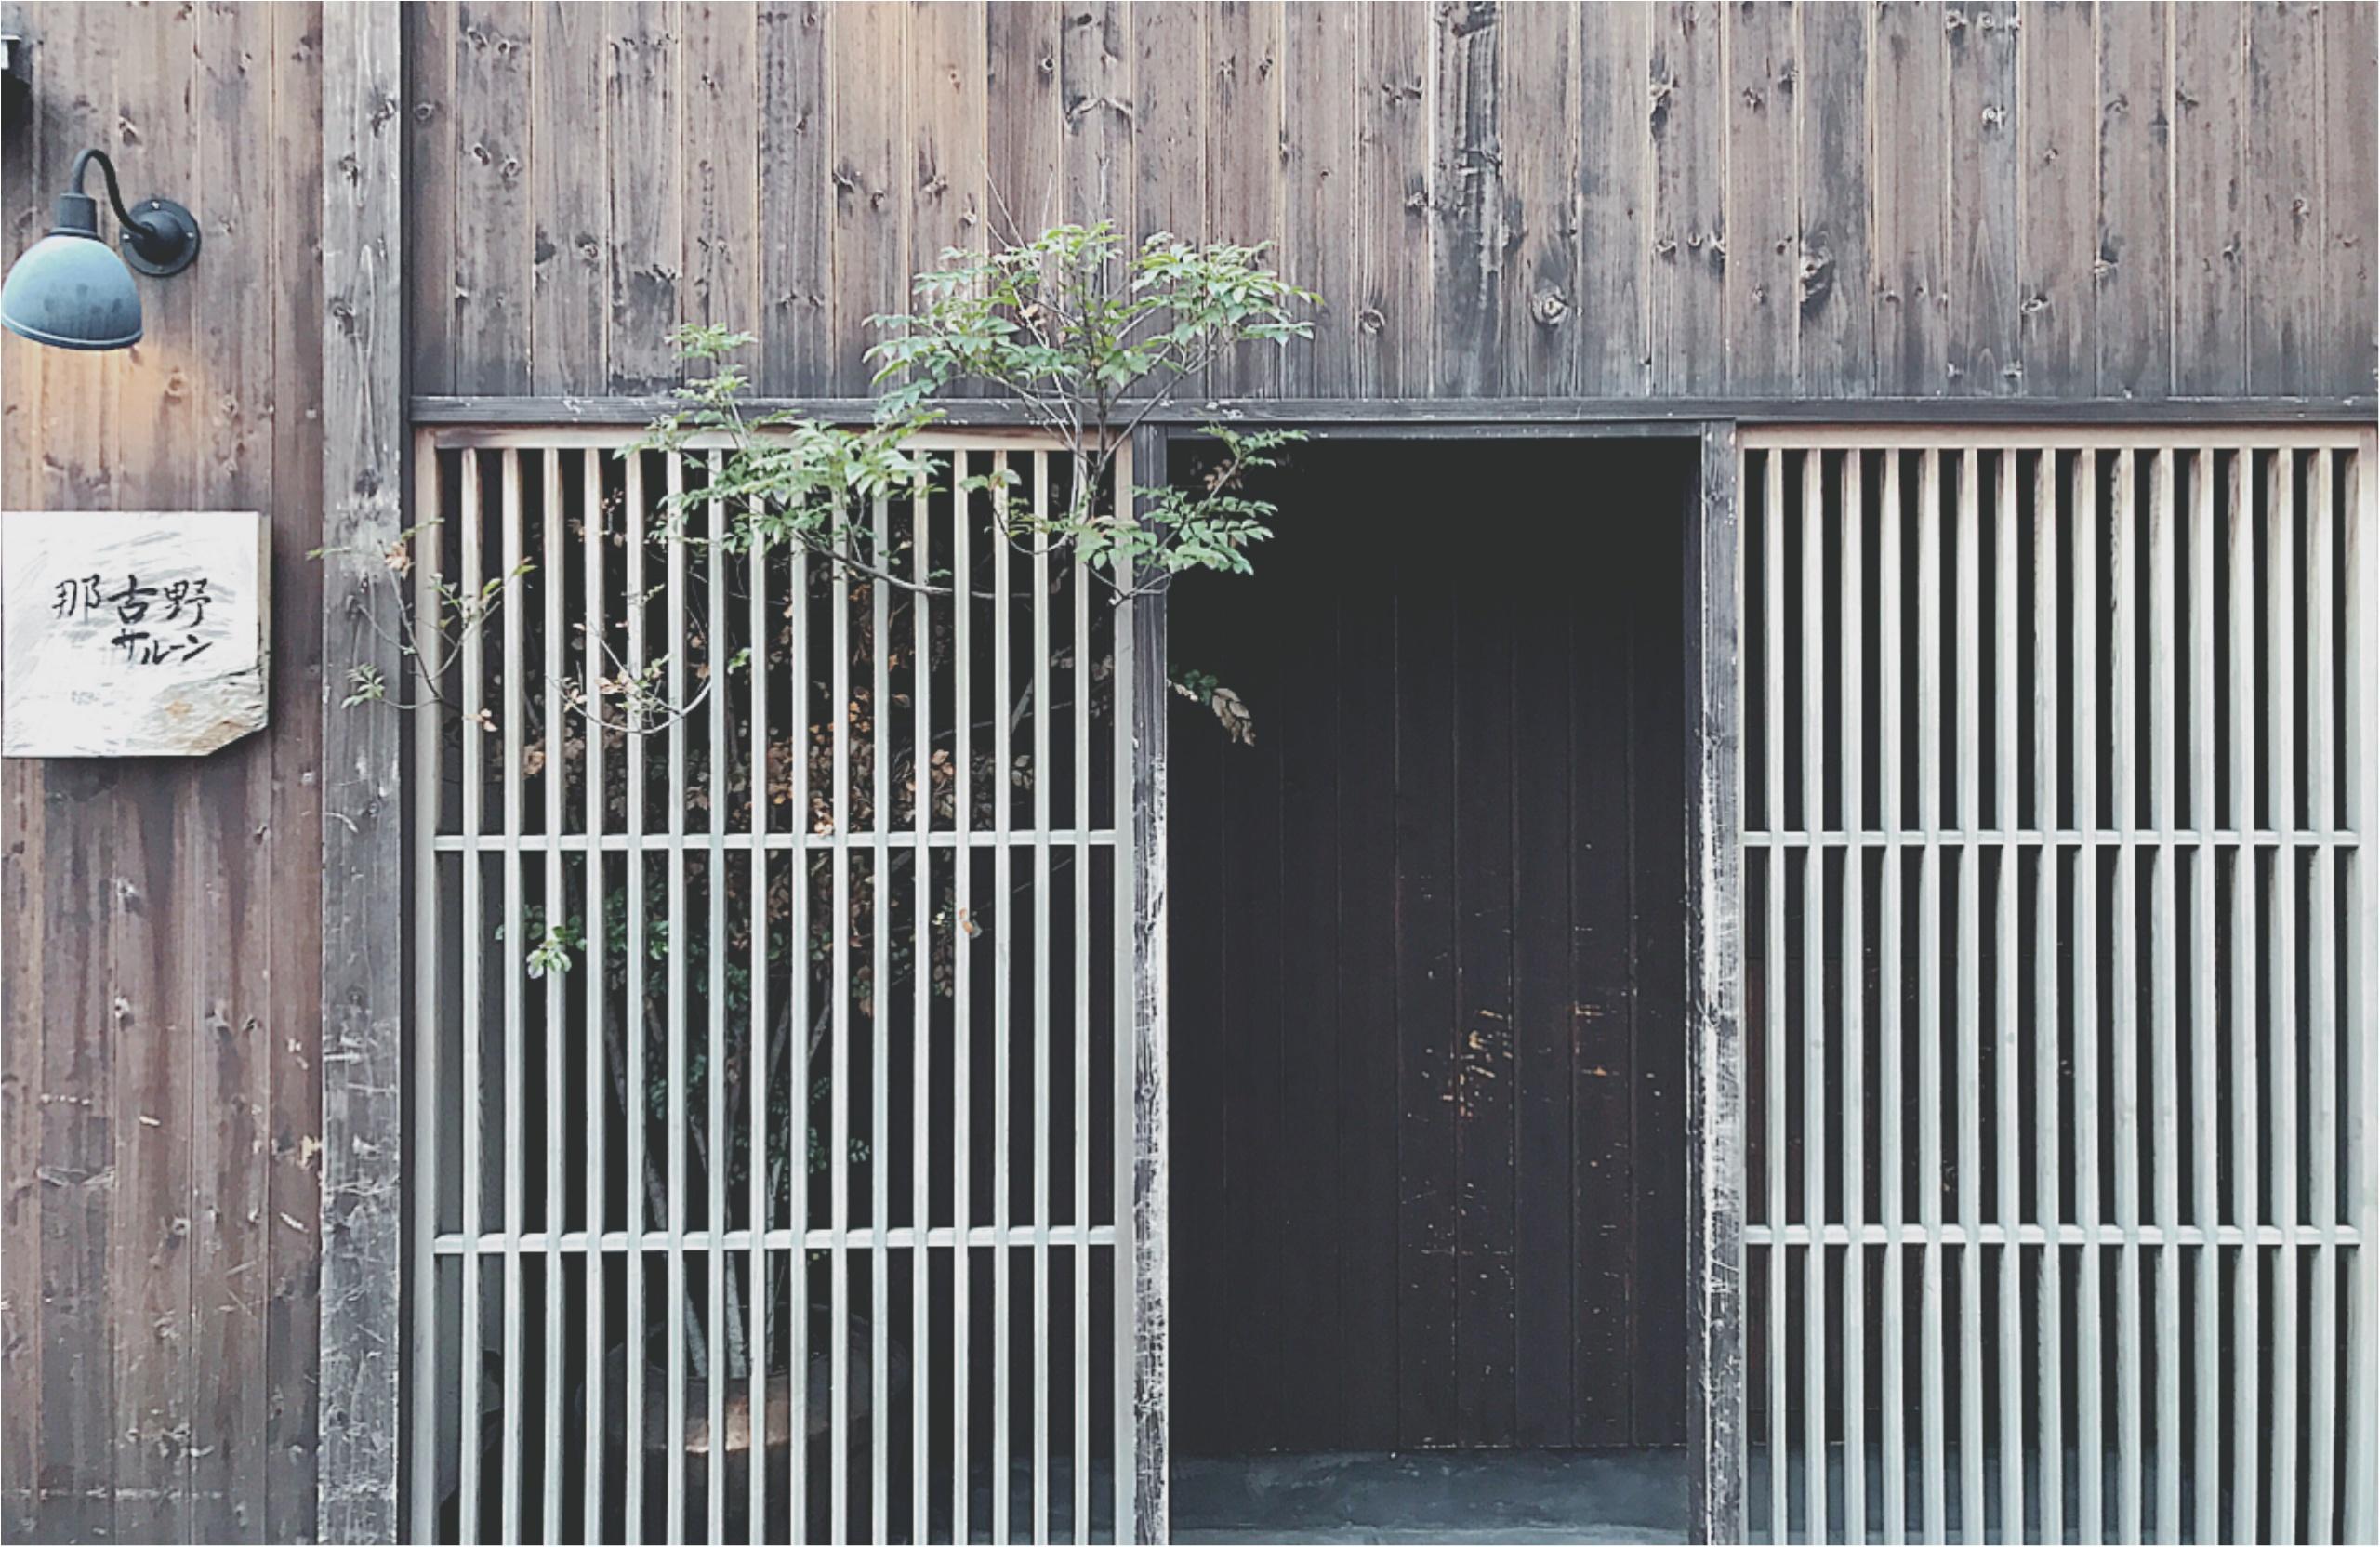 ★地元民の私が紹介するのはコチラ!名古屋に来たら、連れて行きたい絶品おでん屋さん『那古野サルーン』★_2